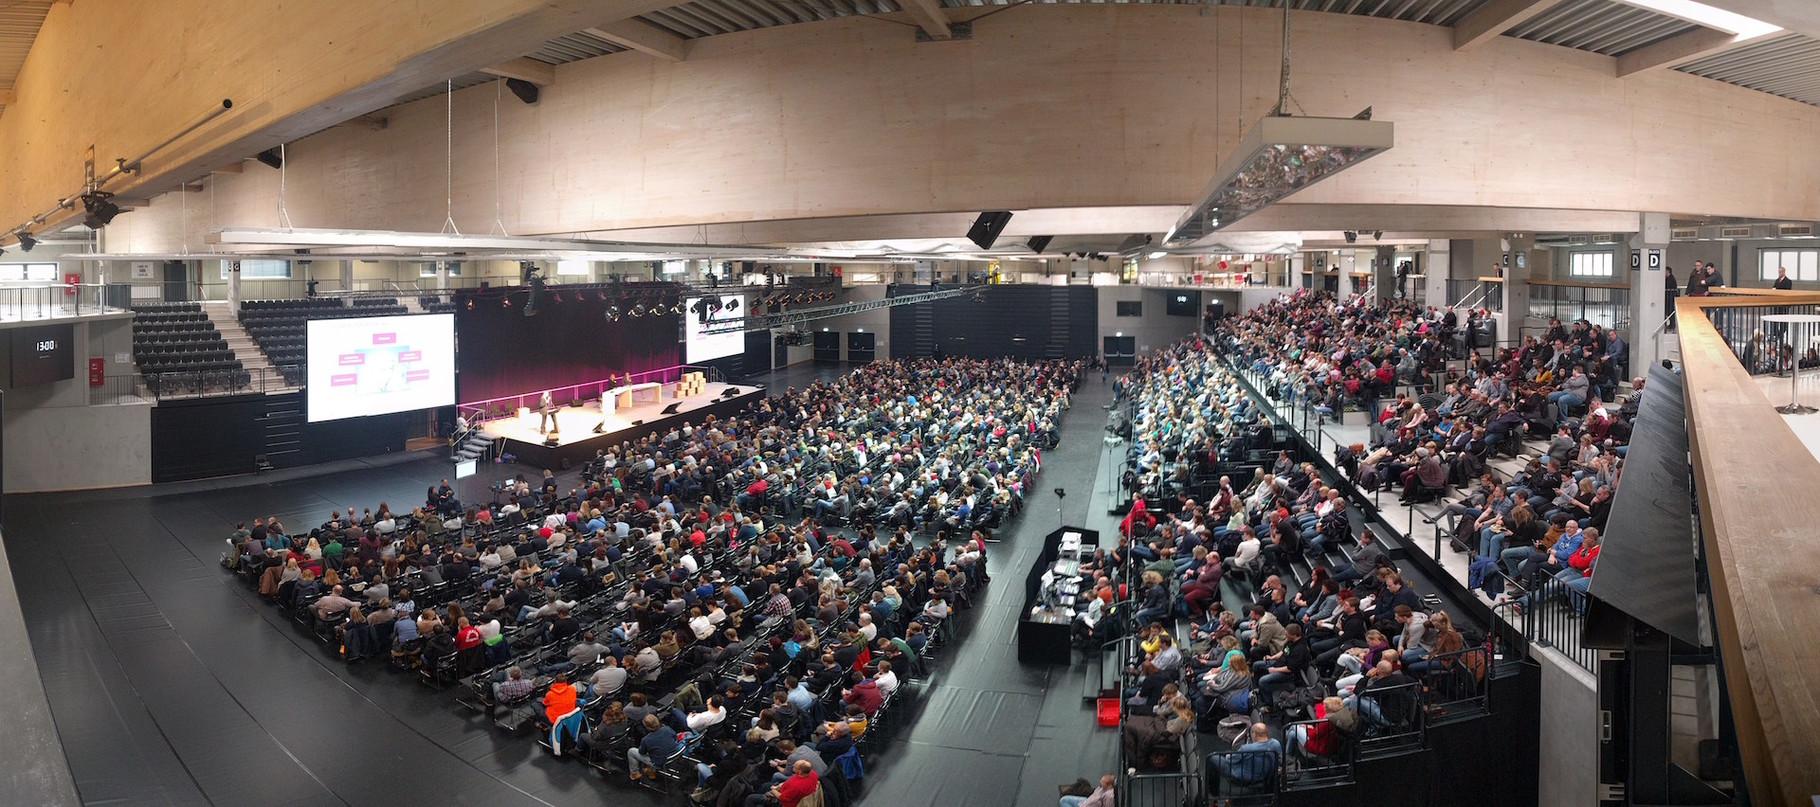 Inselparkhalle - Telekom Betriebsversammlung 01.03.16